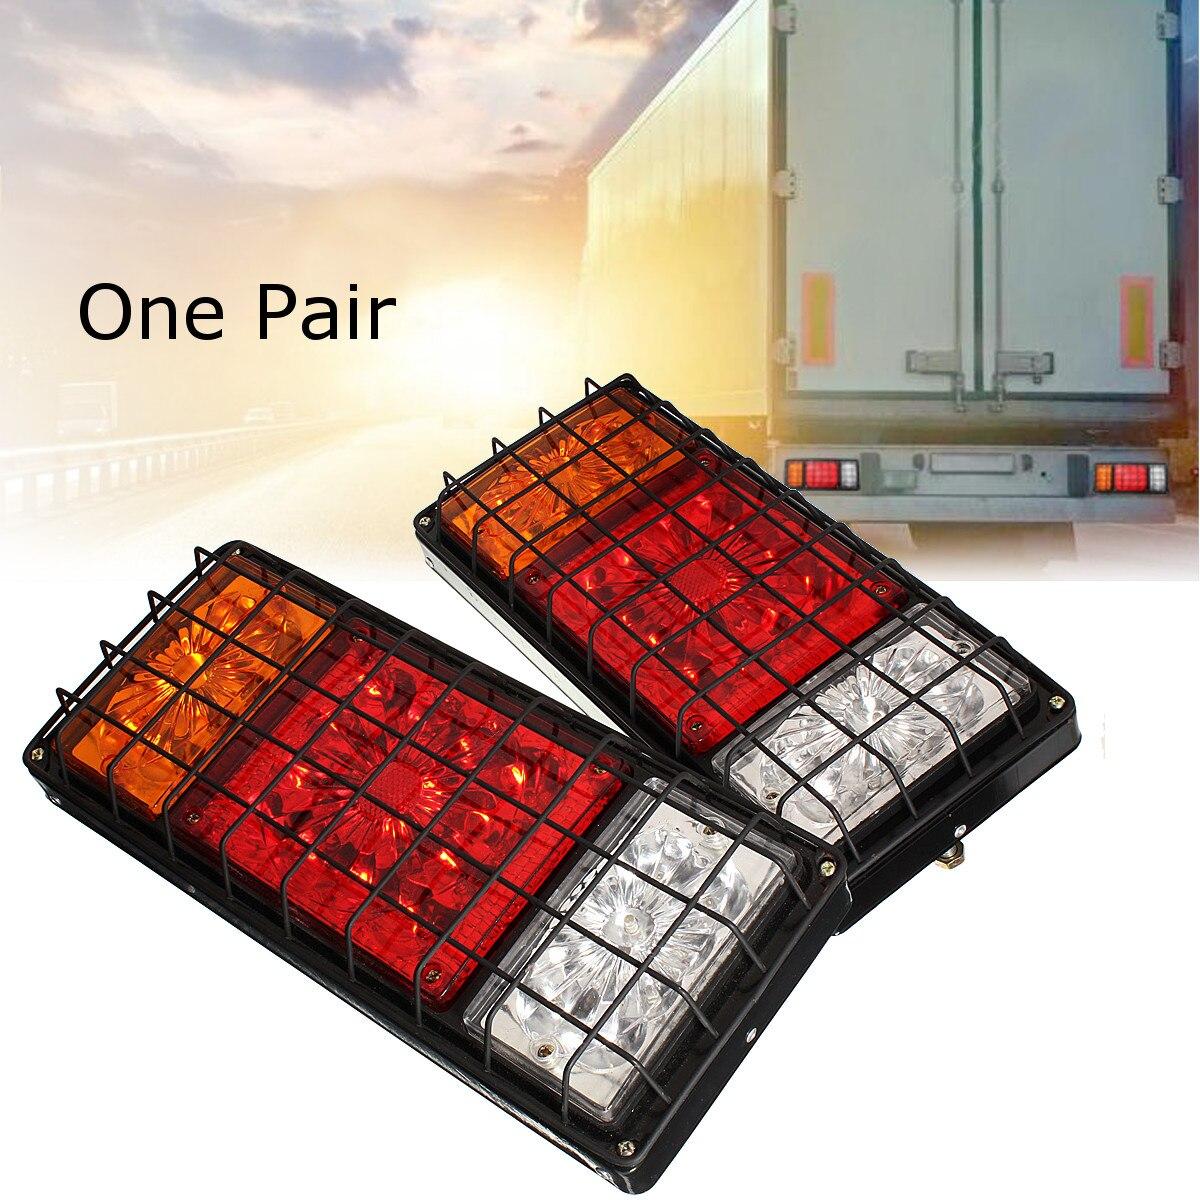 1 paire 12 v/24 v LED arrêt arrière clignotant arrêt arrière feux arrière feux arrière lampes arrière remorque camion camion